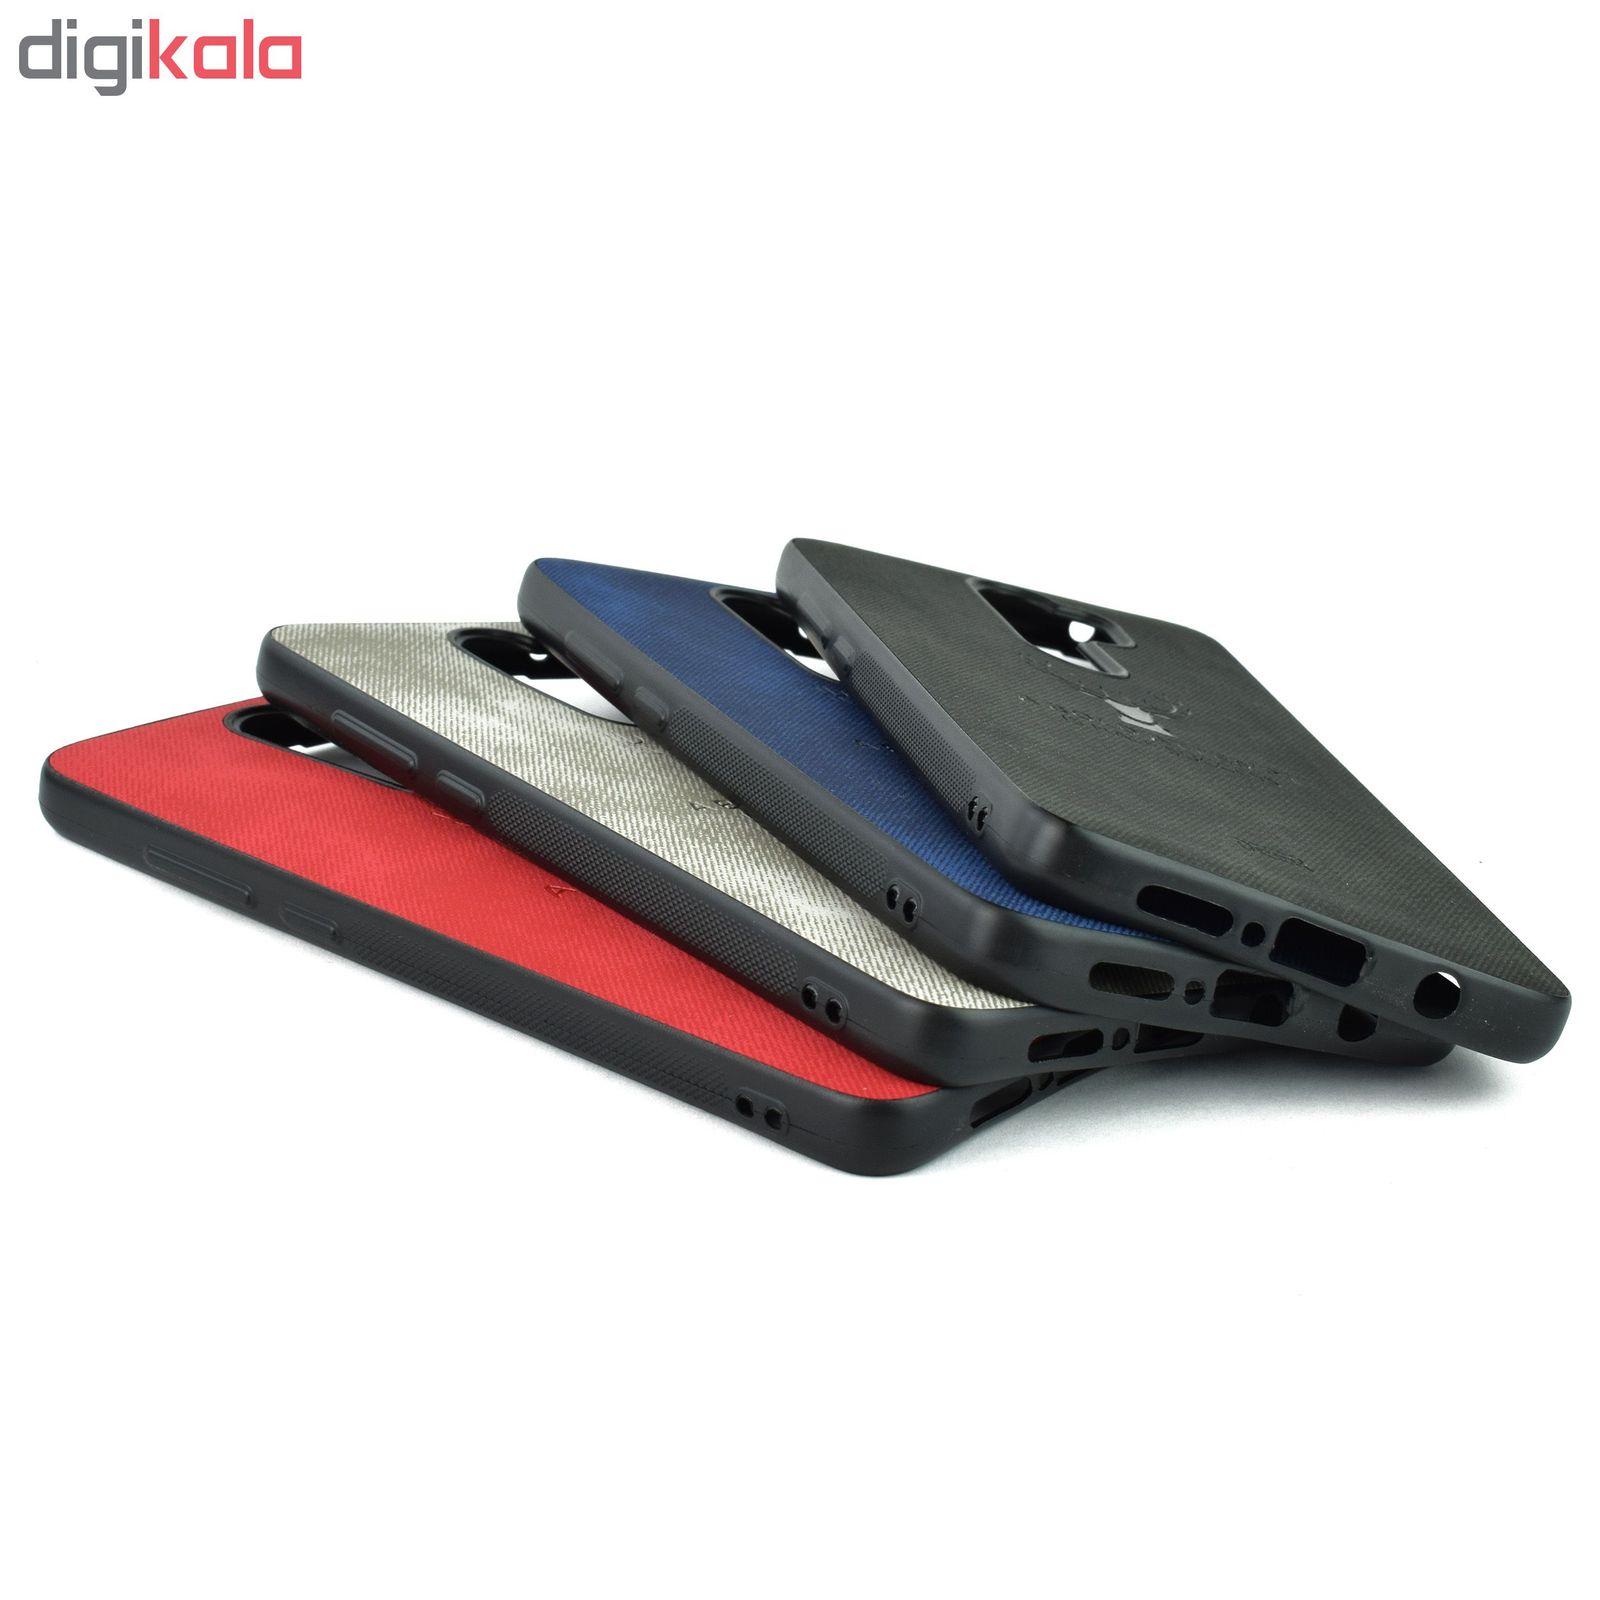 کاور مدل DER20 مناسب برای گوشی موبایل شیائومی Note 8 Pro main 1 6